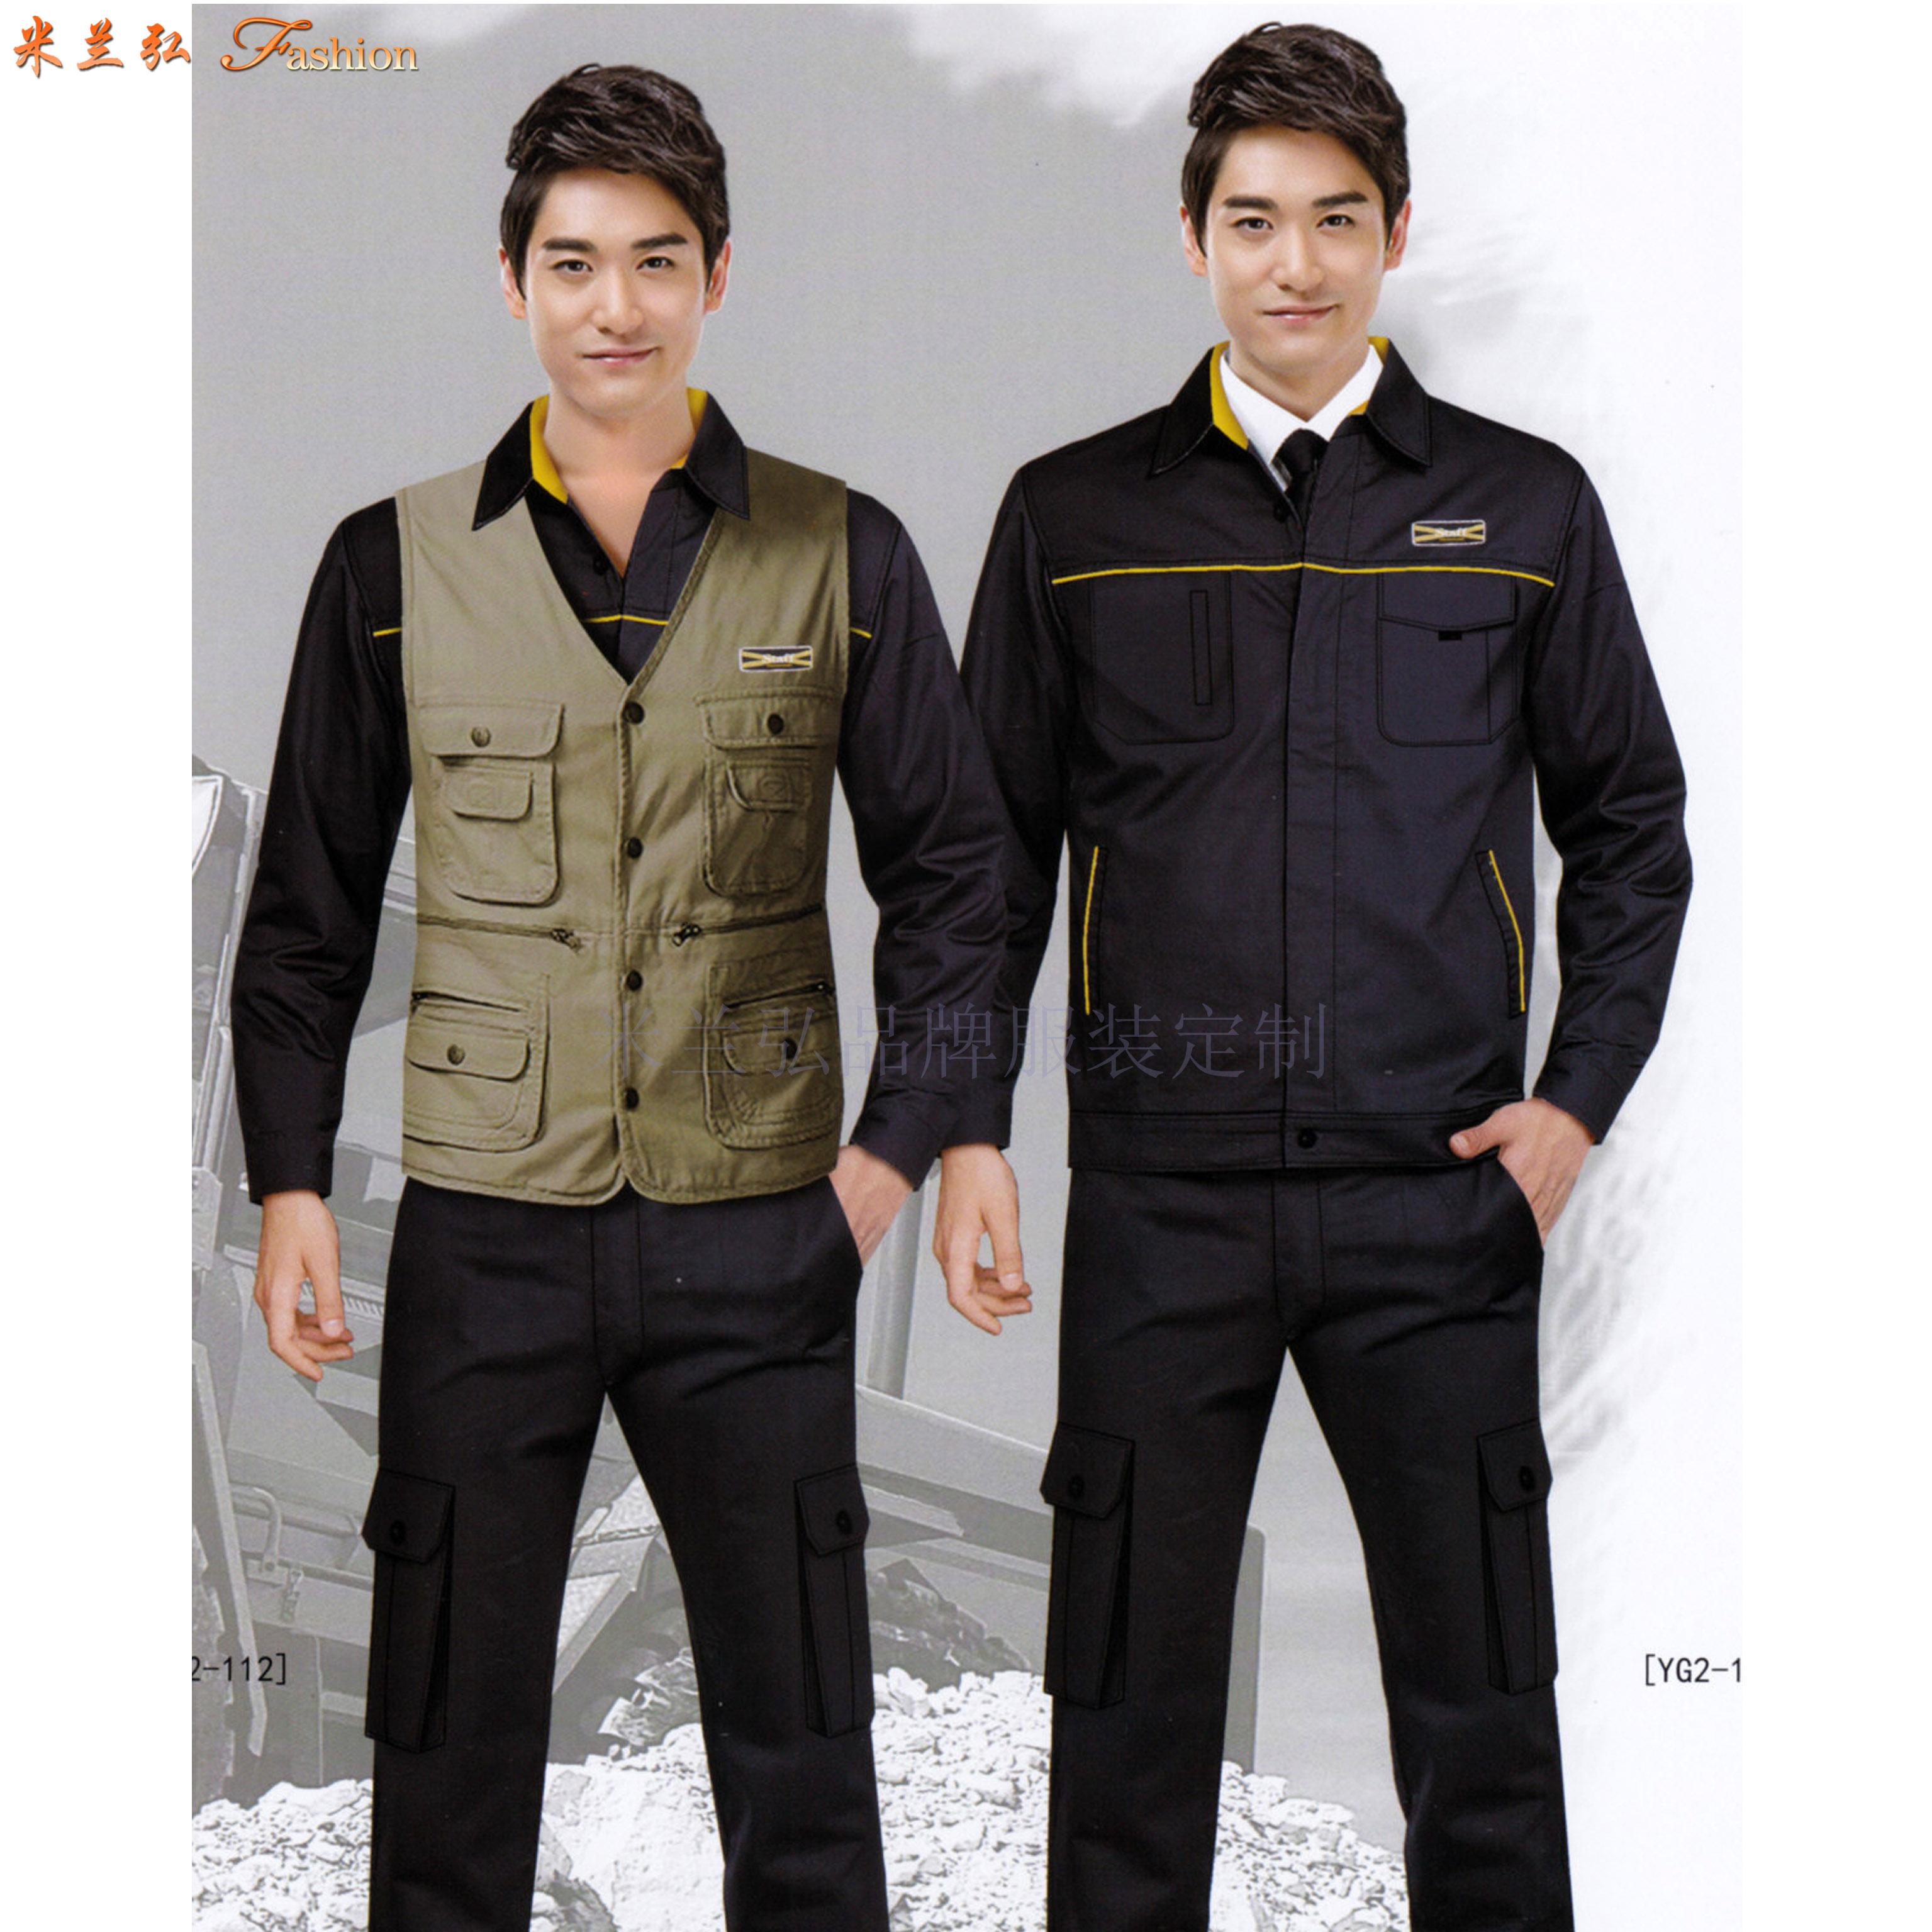 攀枝花工作服定做-物美價廉工作服訂作-米蘭弘服裝-2